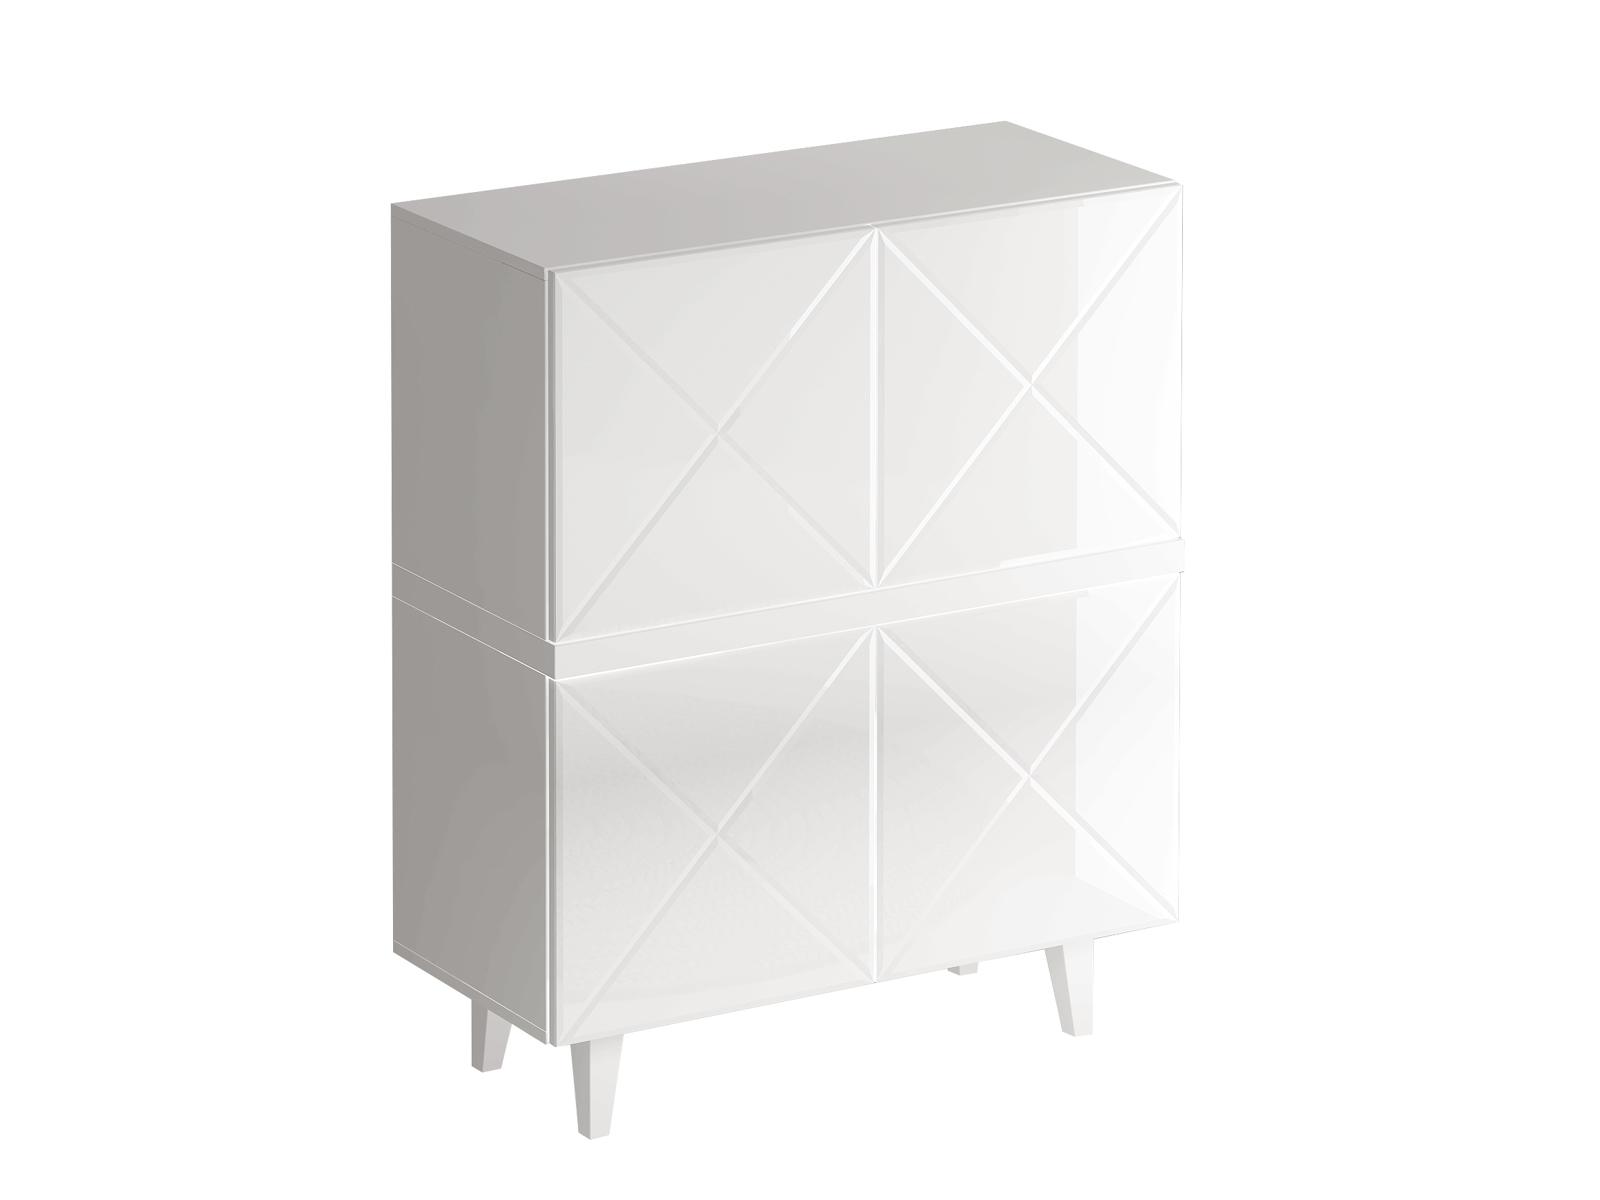 Шкаф KristalБельевые шкафы<br>Шкаф комбинированный для гостиной.&amp;amp;nbsp;&amp;lt;div&amp;gt;Дверцы открываются по принципу «нажал - открыл».&amp;lt;/div&amp;gt;&amp;lt;div&amp;gt;Фасад - стекло белое.&amp;lt;/div&amp;gt;<br><br>Material: ДСП<br>Ширина см: 96<br>Высота см: 117<br>Глубина см: 44